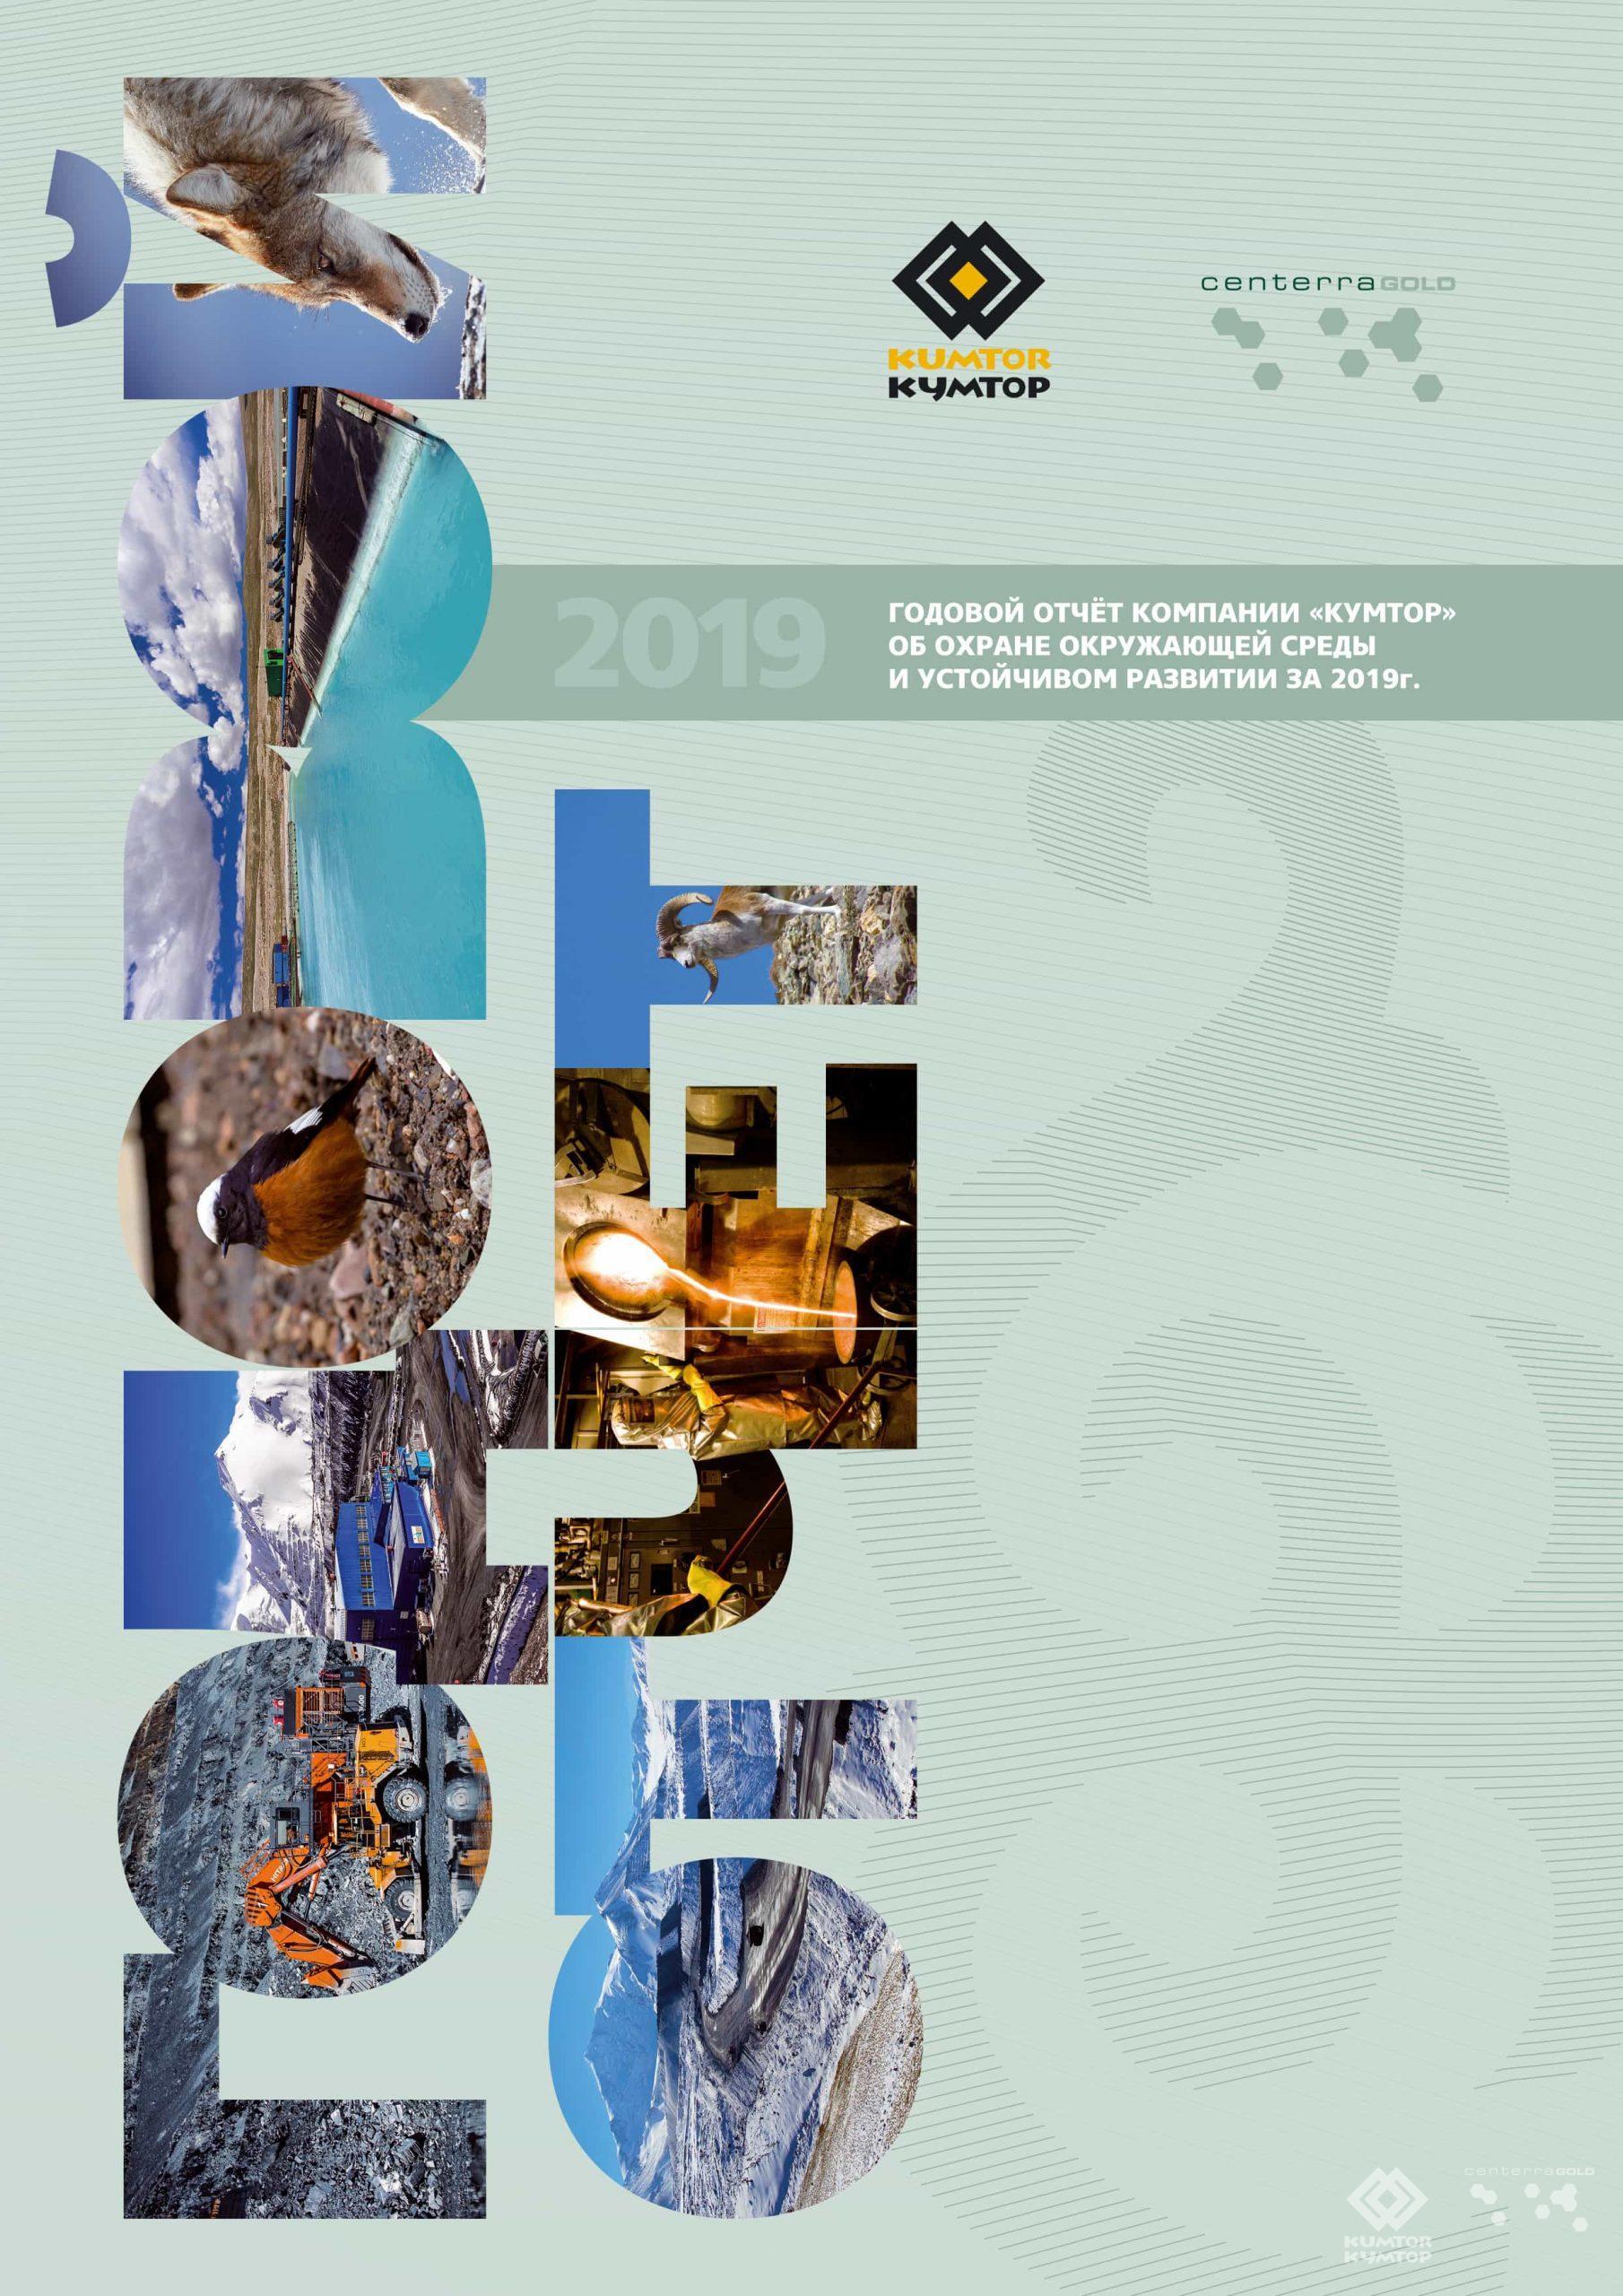 Отчет по охране окружающей среды и устойчивому развитию за 2019 год